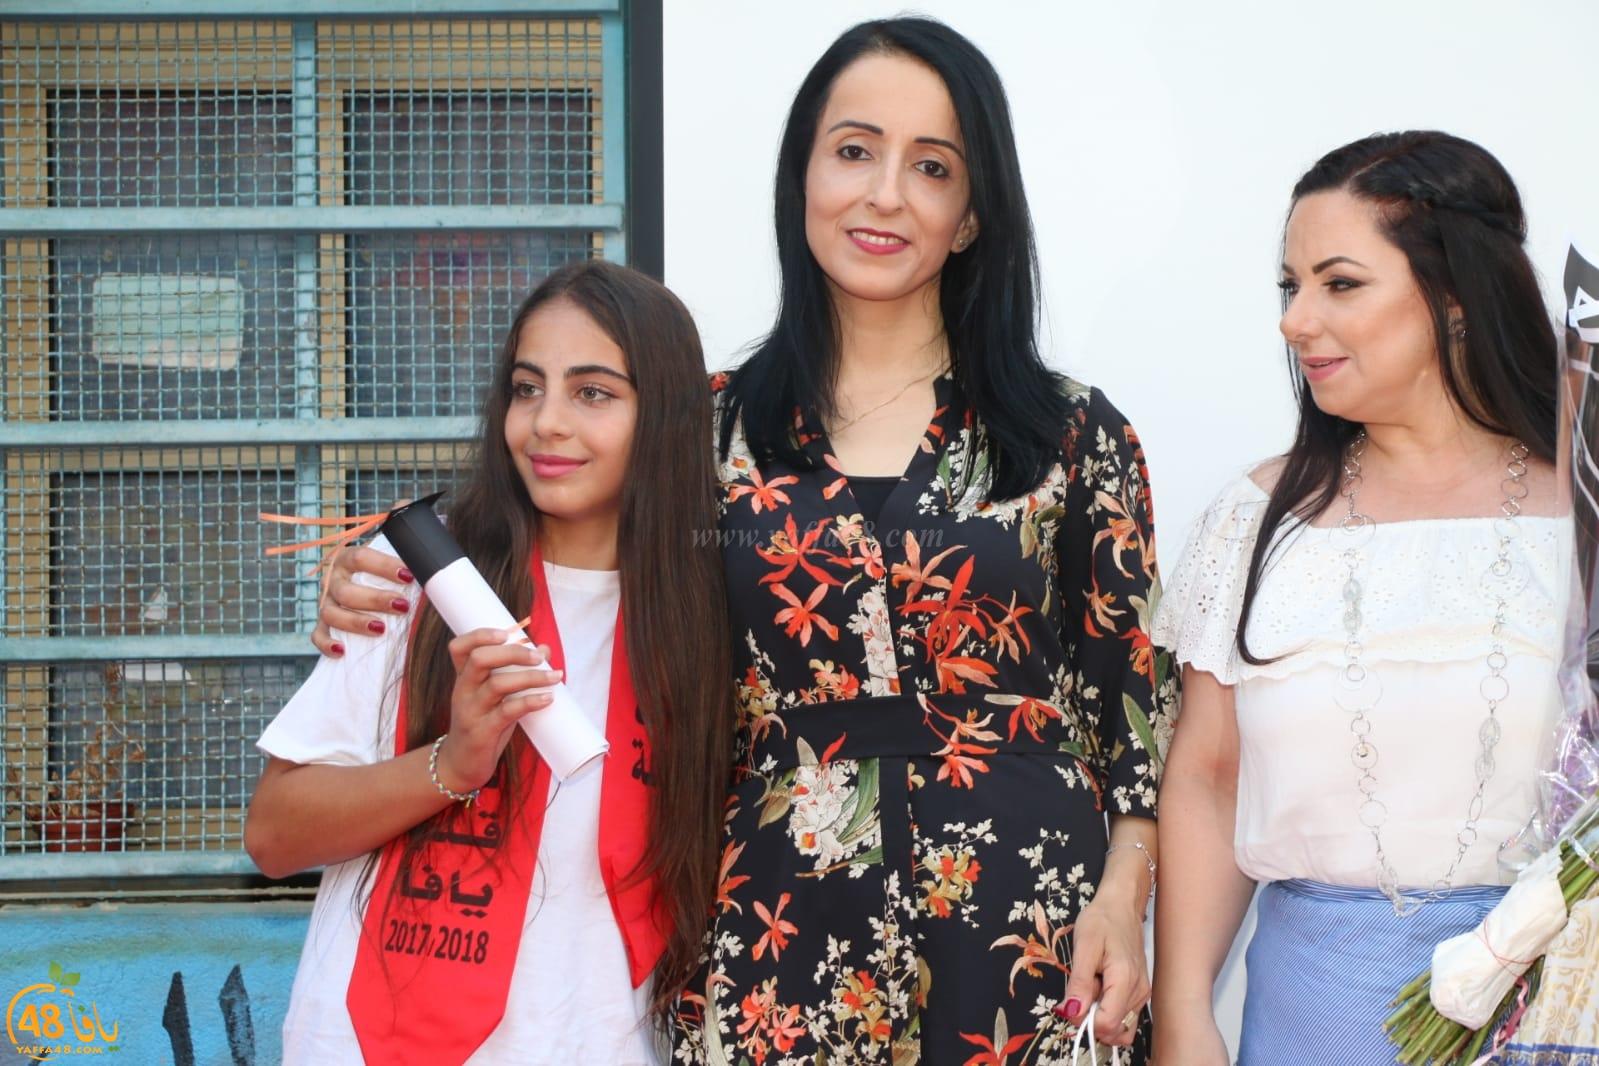 بالصور: مدرسة الزهراء الابتدائية في يافا تحتفل بتخريج طلابها ضمن الفوج الـ12